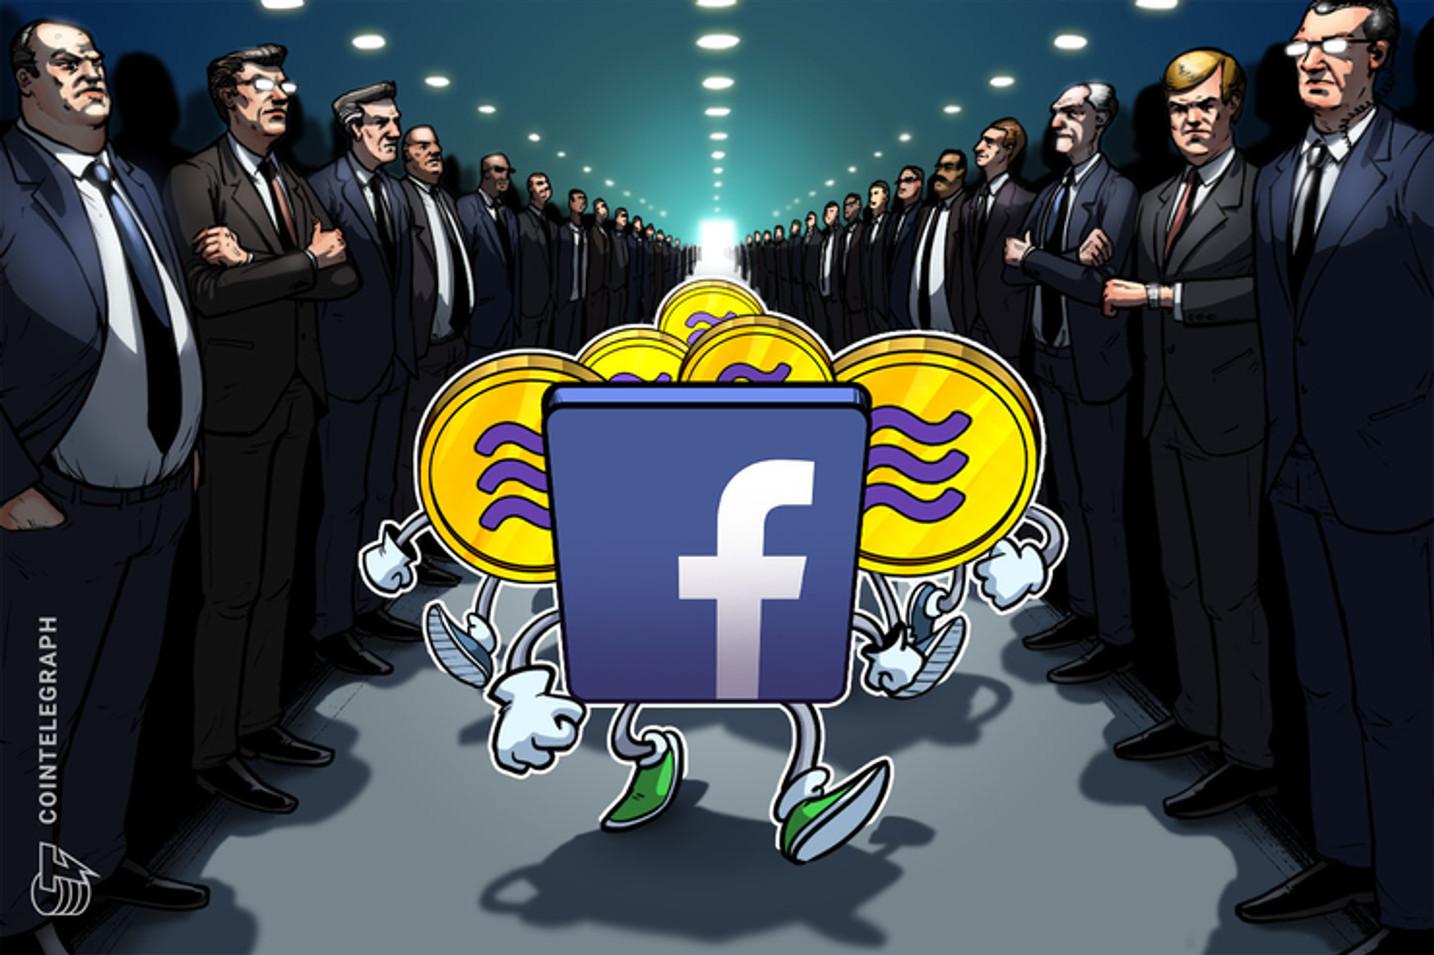 Diputado de Brasil quiere llamar a Facebook y al Banco Central de Brasil para debatir sobre Libra